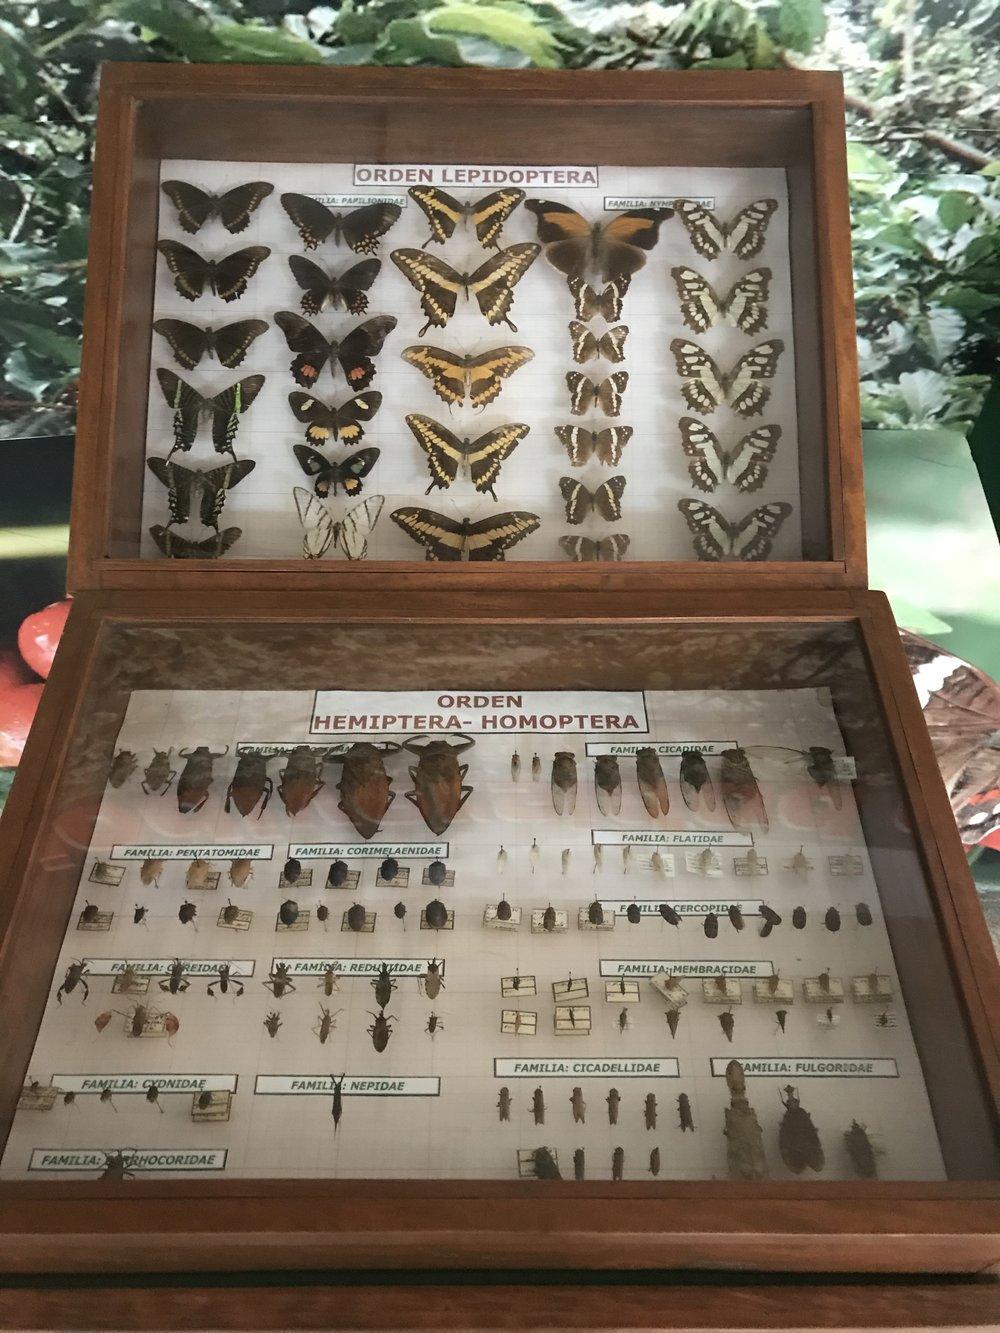 Ein weiterer Kasten mit Käfern und Schmetterlingen. Foto: Noemi Gerhäusser für die © WEBER Packaging GmbH, 2019